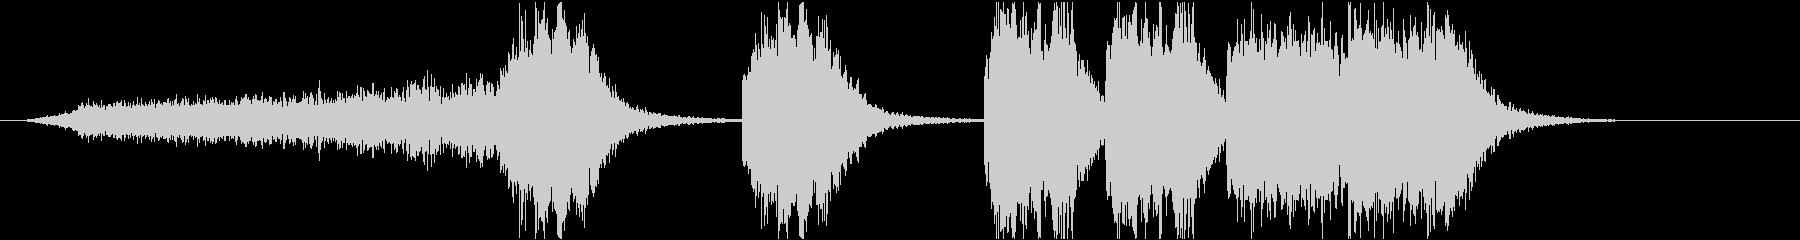 ホラー、サスペンスの未再生の波形